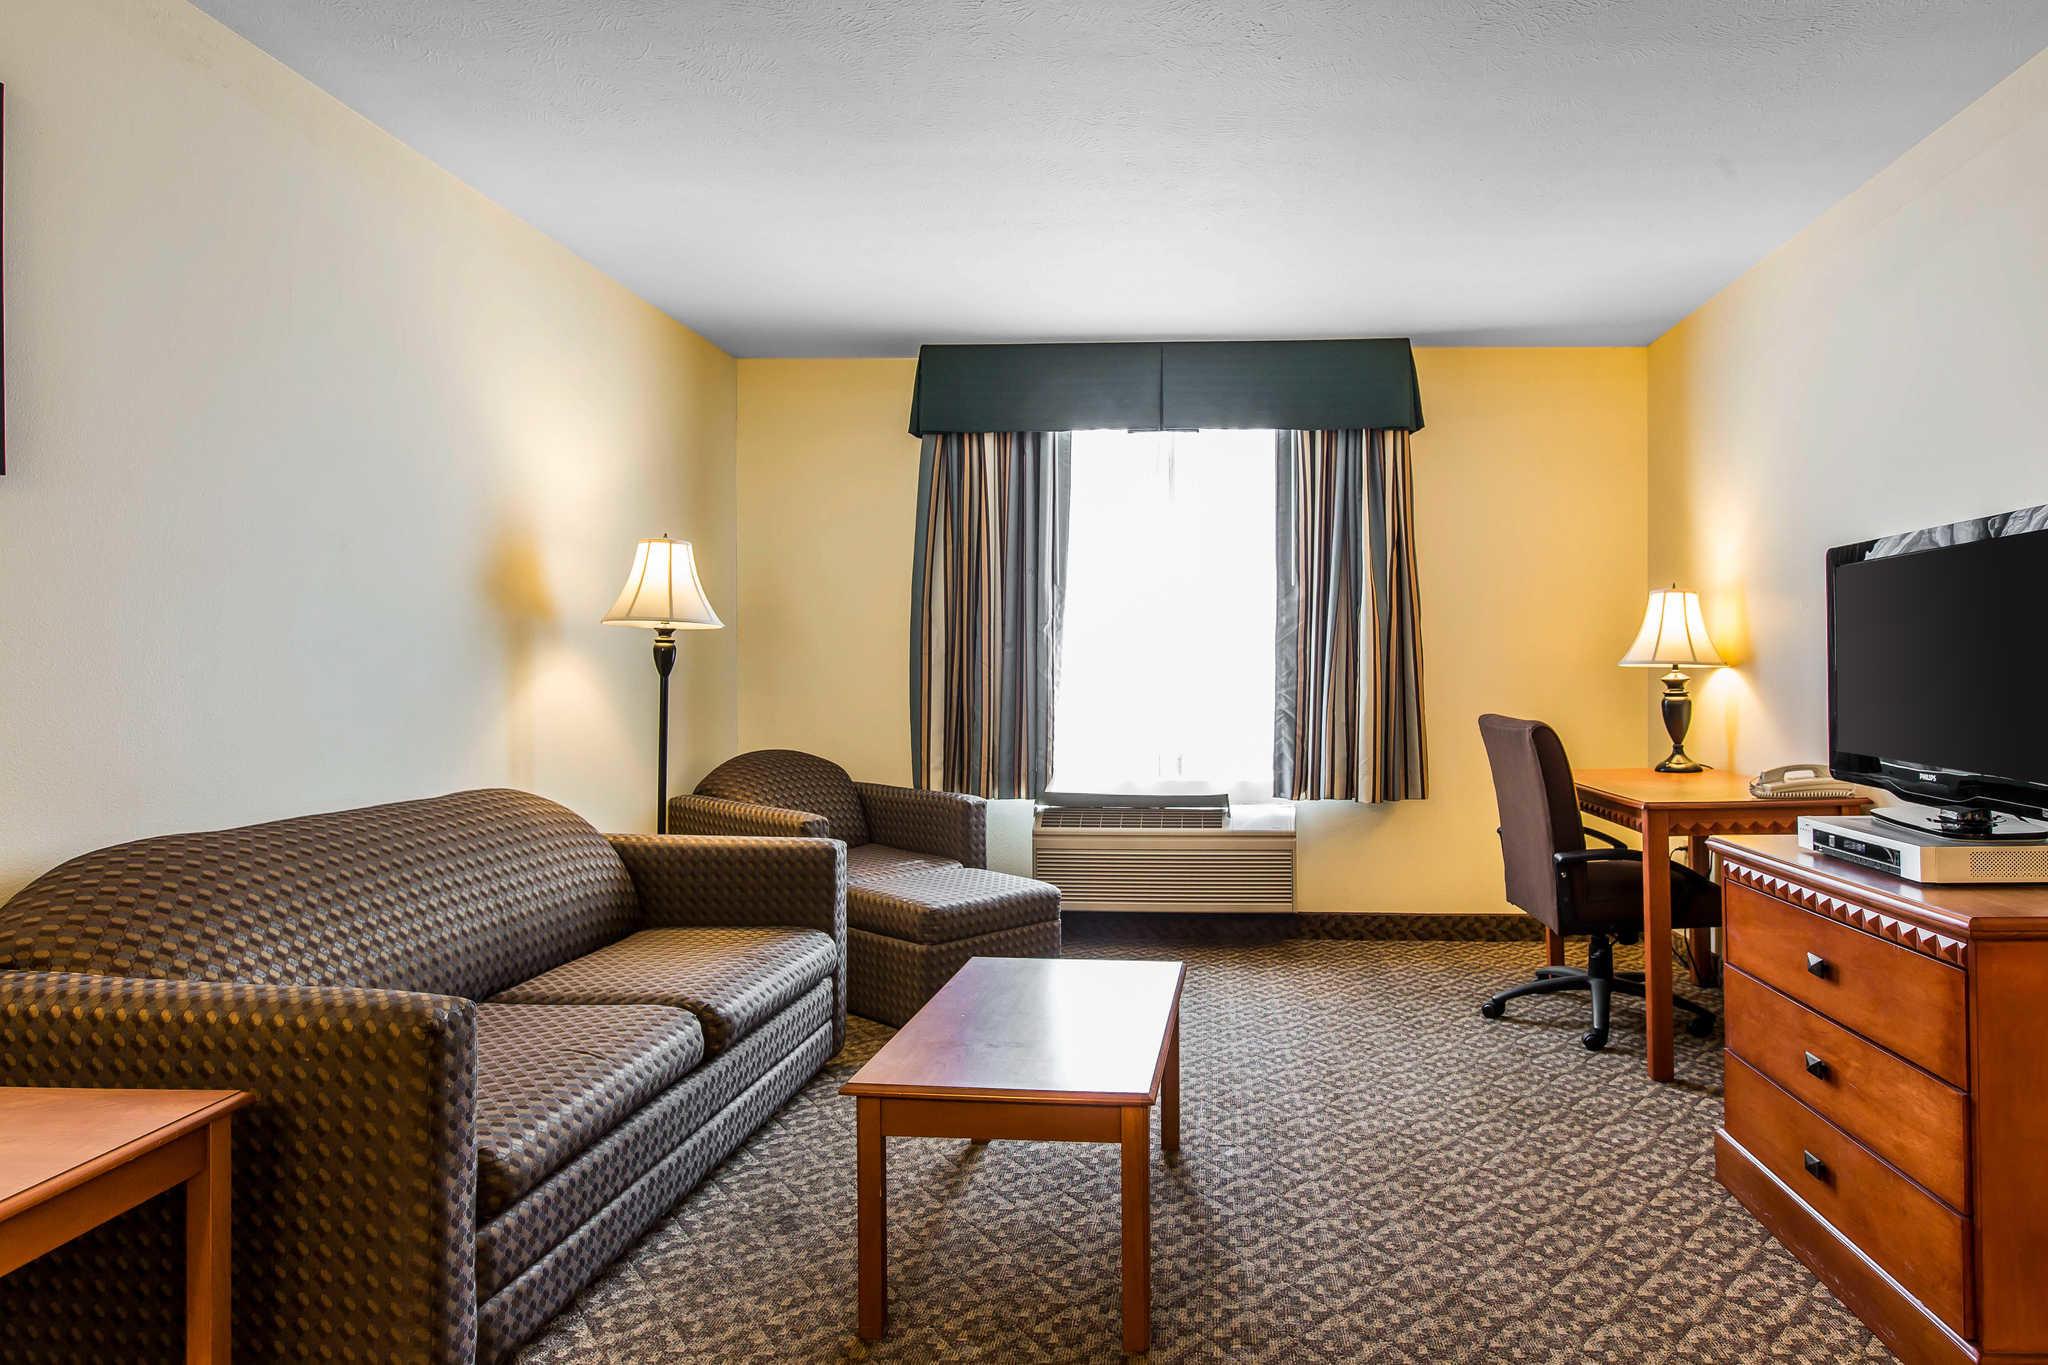 Comfort Inn & Suites El Centro I-8 image 23